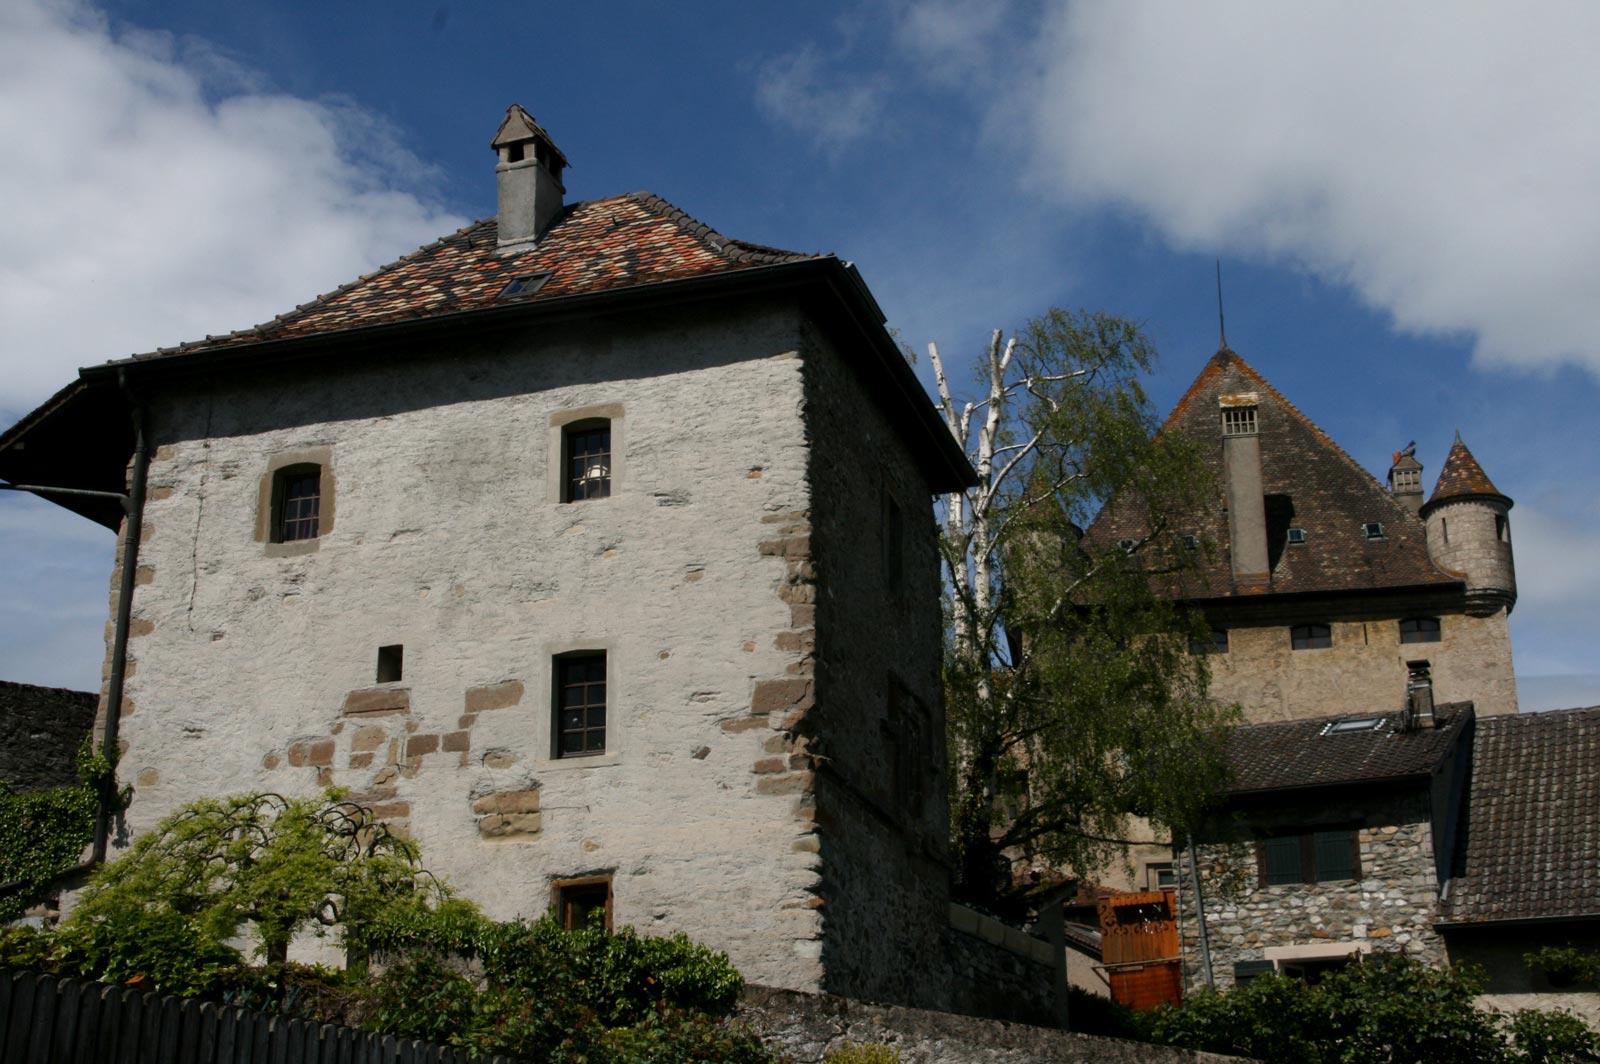 Tout de garde du village médiéval et château d'Yvoire.